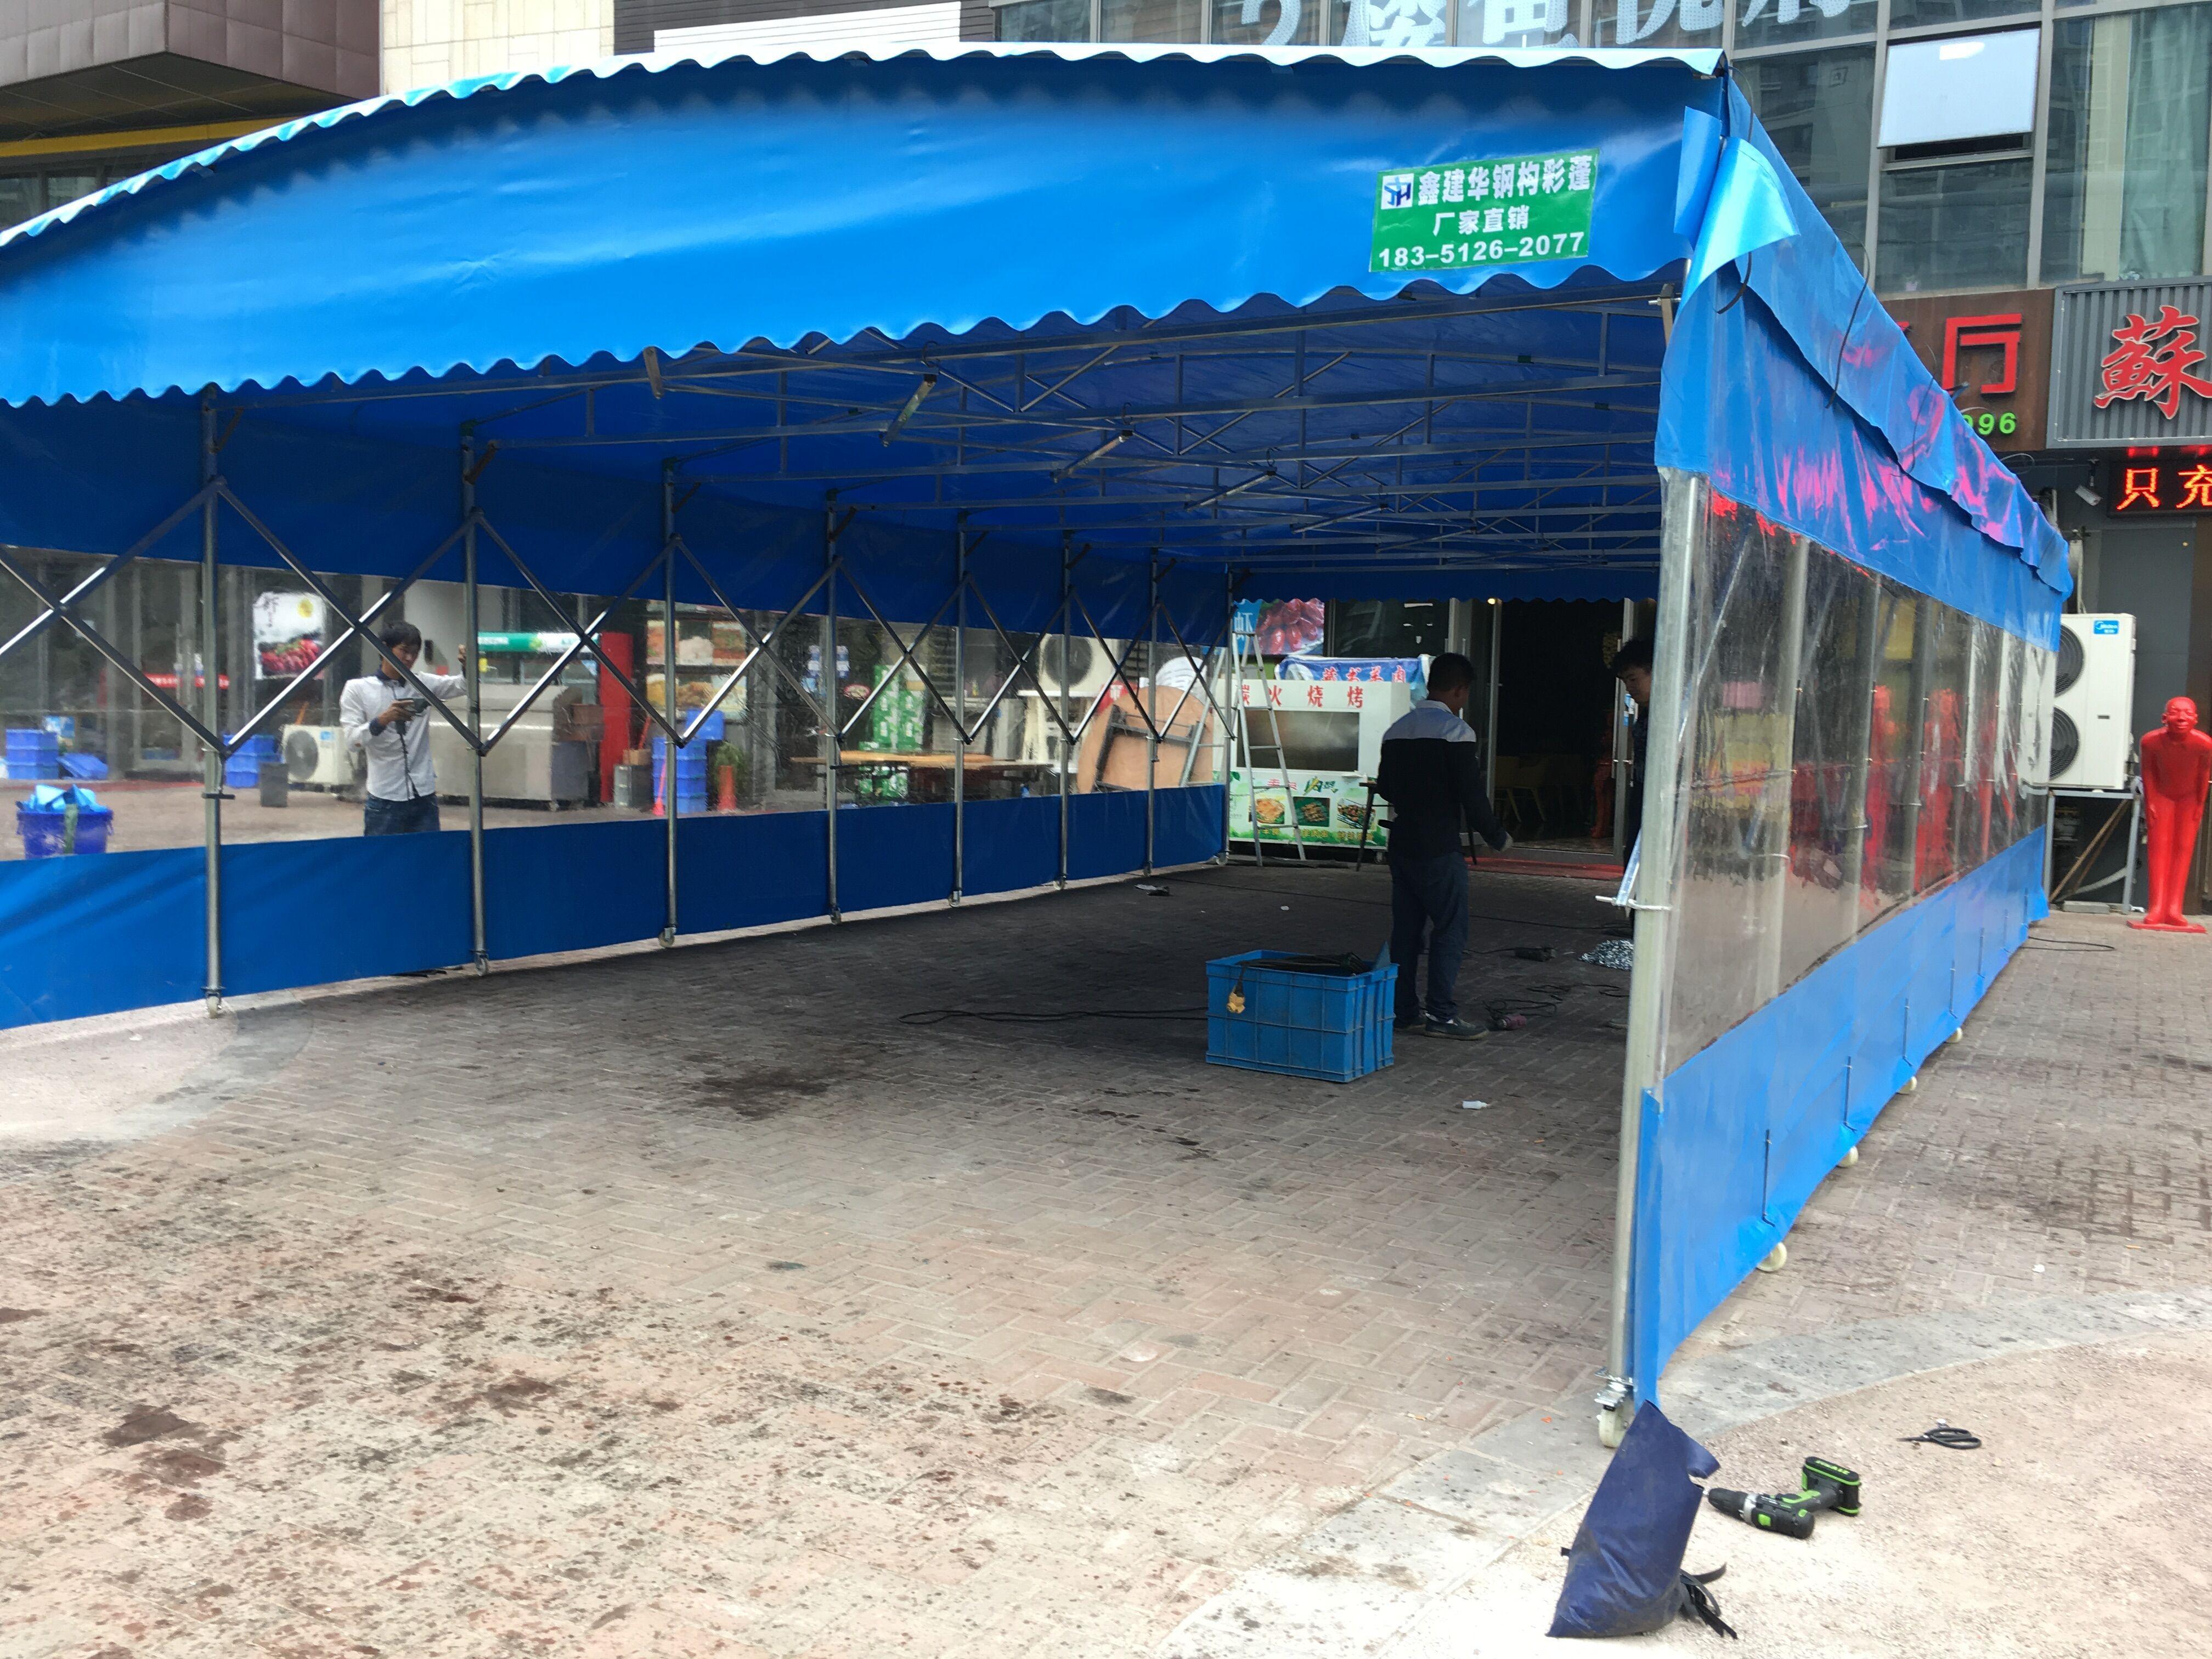 新疆排挡雨篷